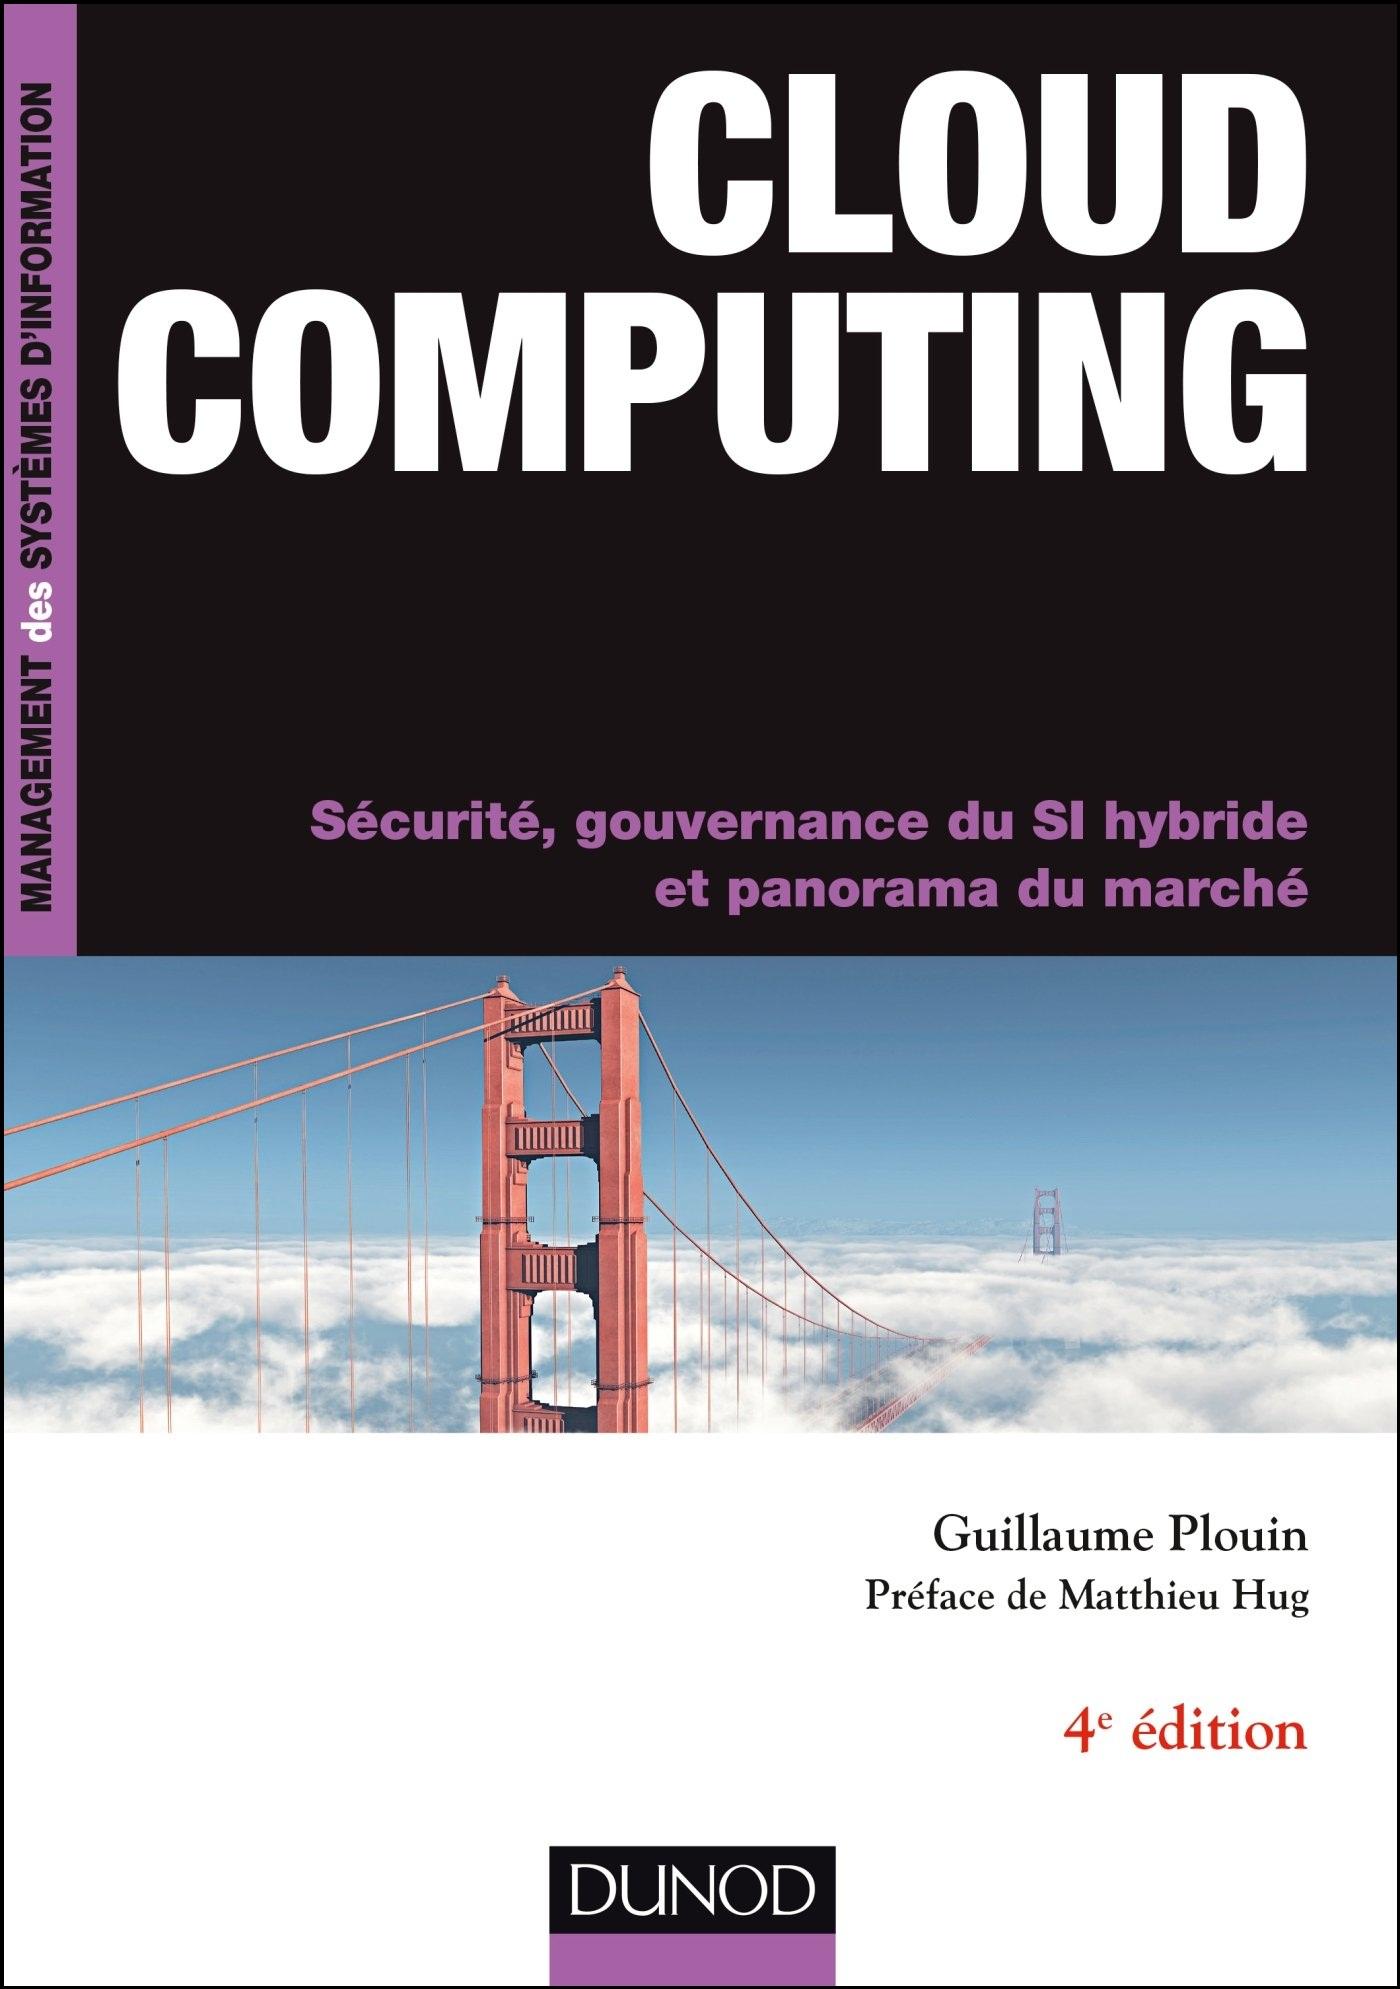 Cloud computing : Sécurité gouvernance du SI hybride et panorama du marché